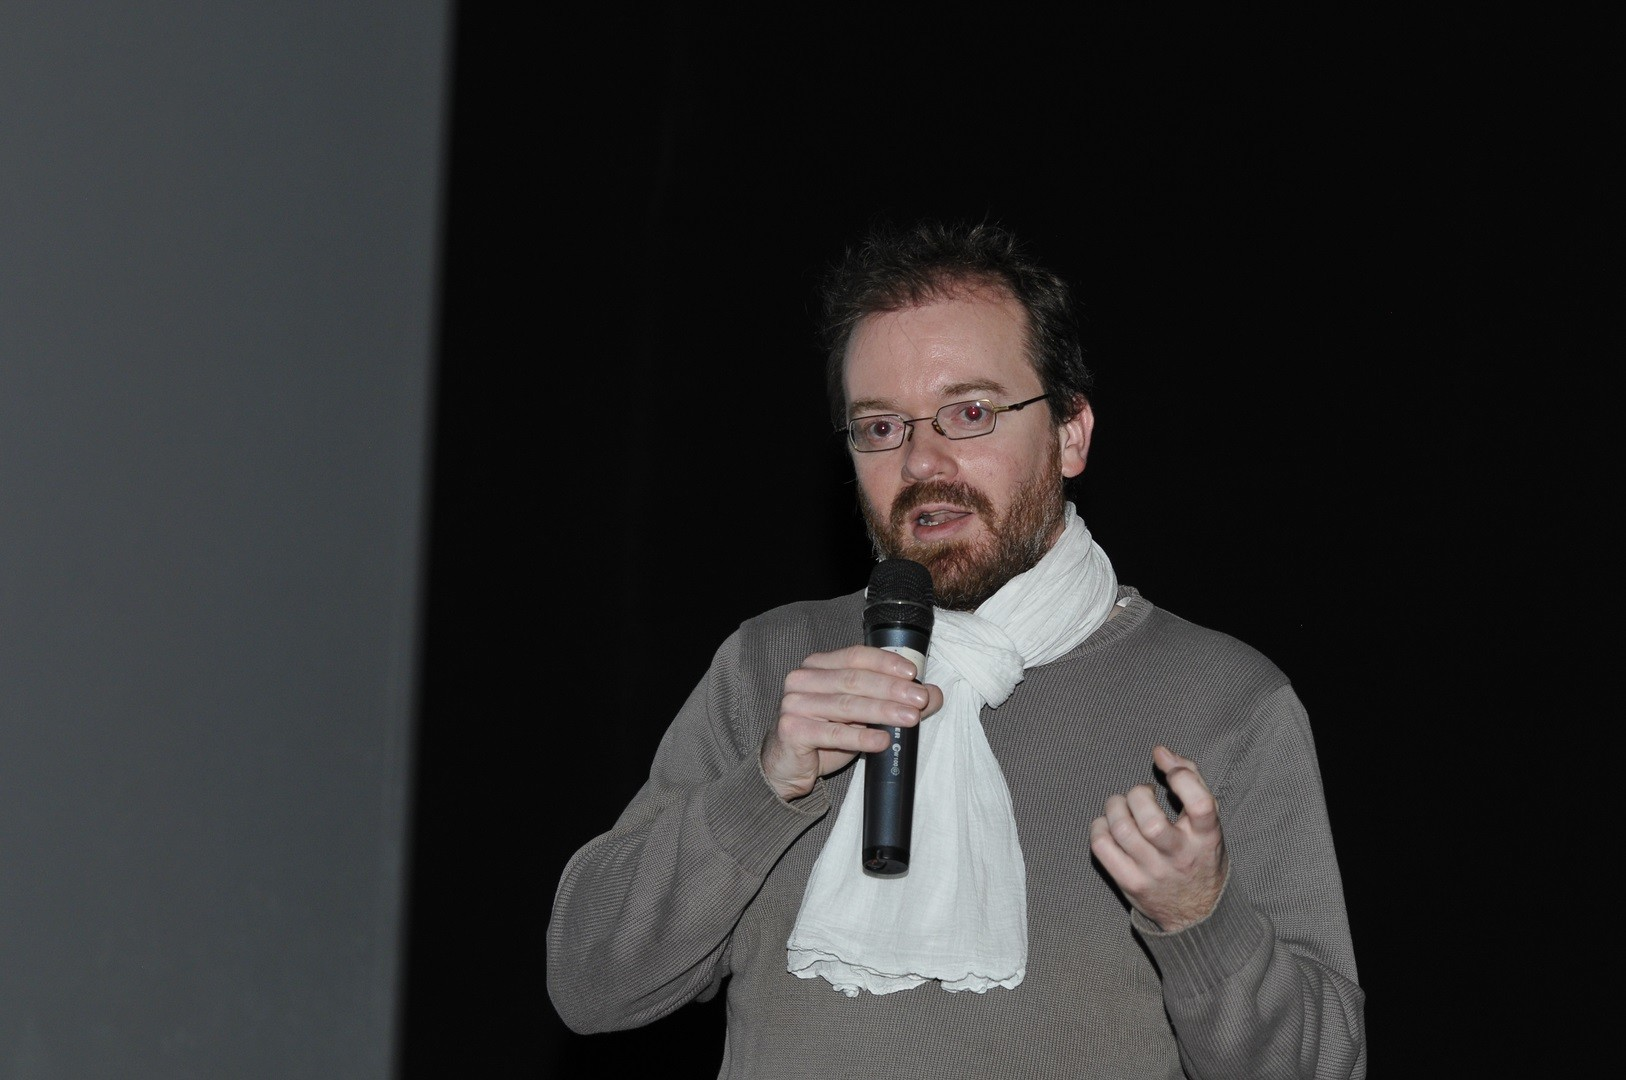 .David Geoffroy, réalisateur, présente La ville sous les blés